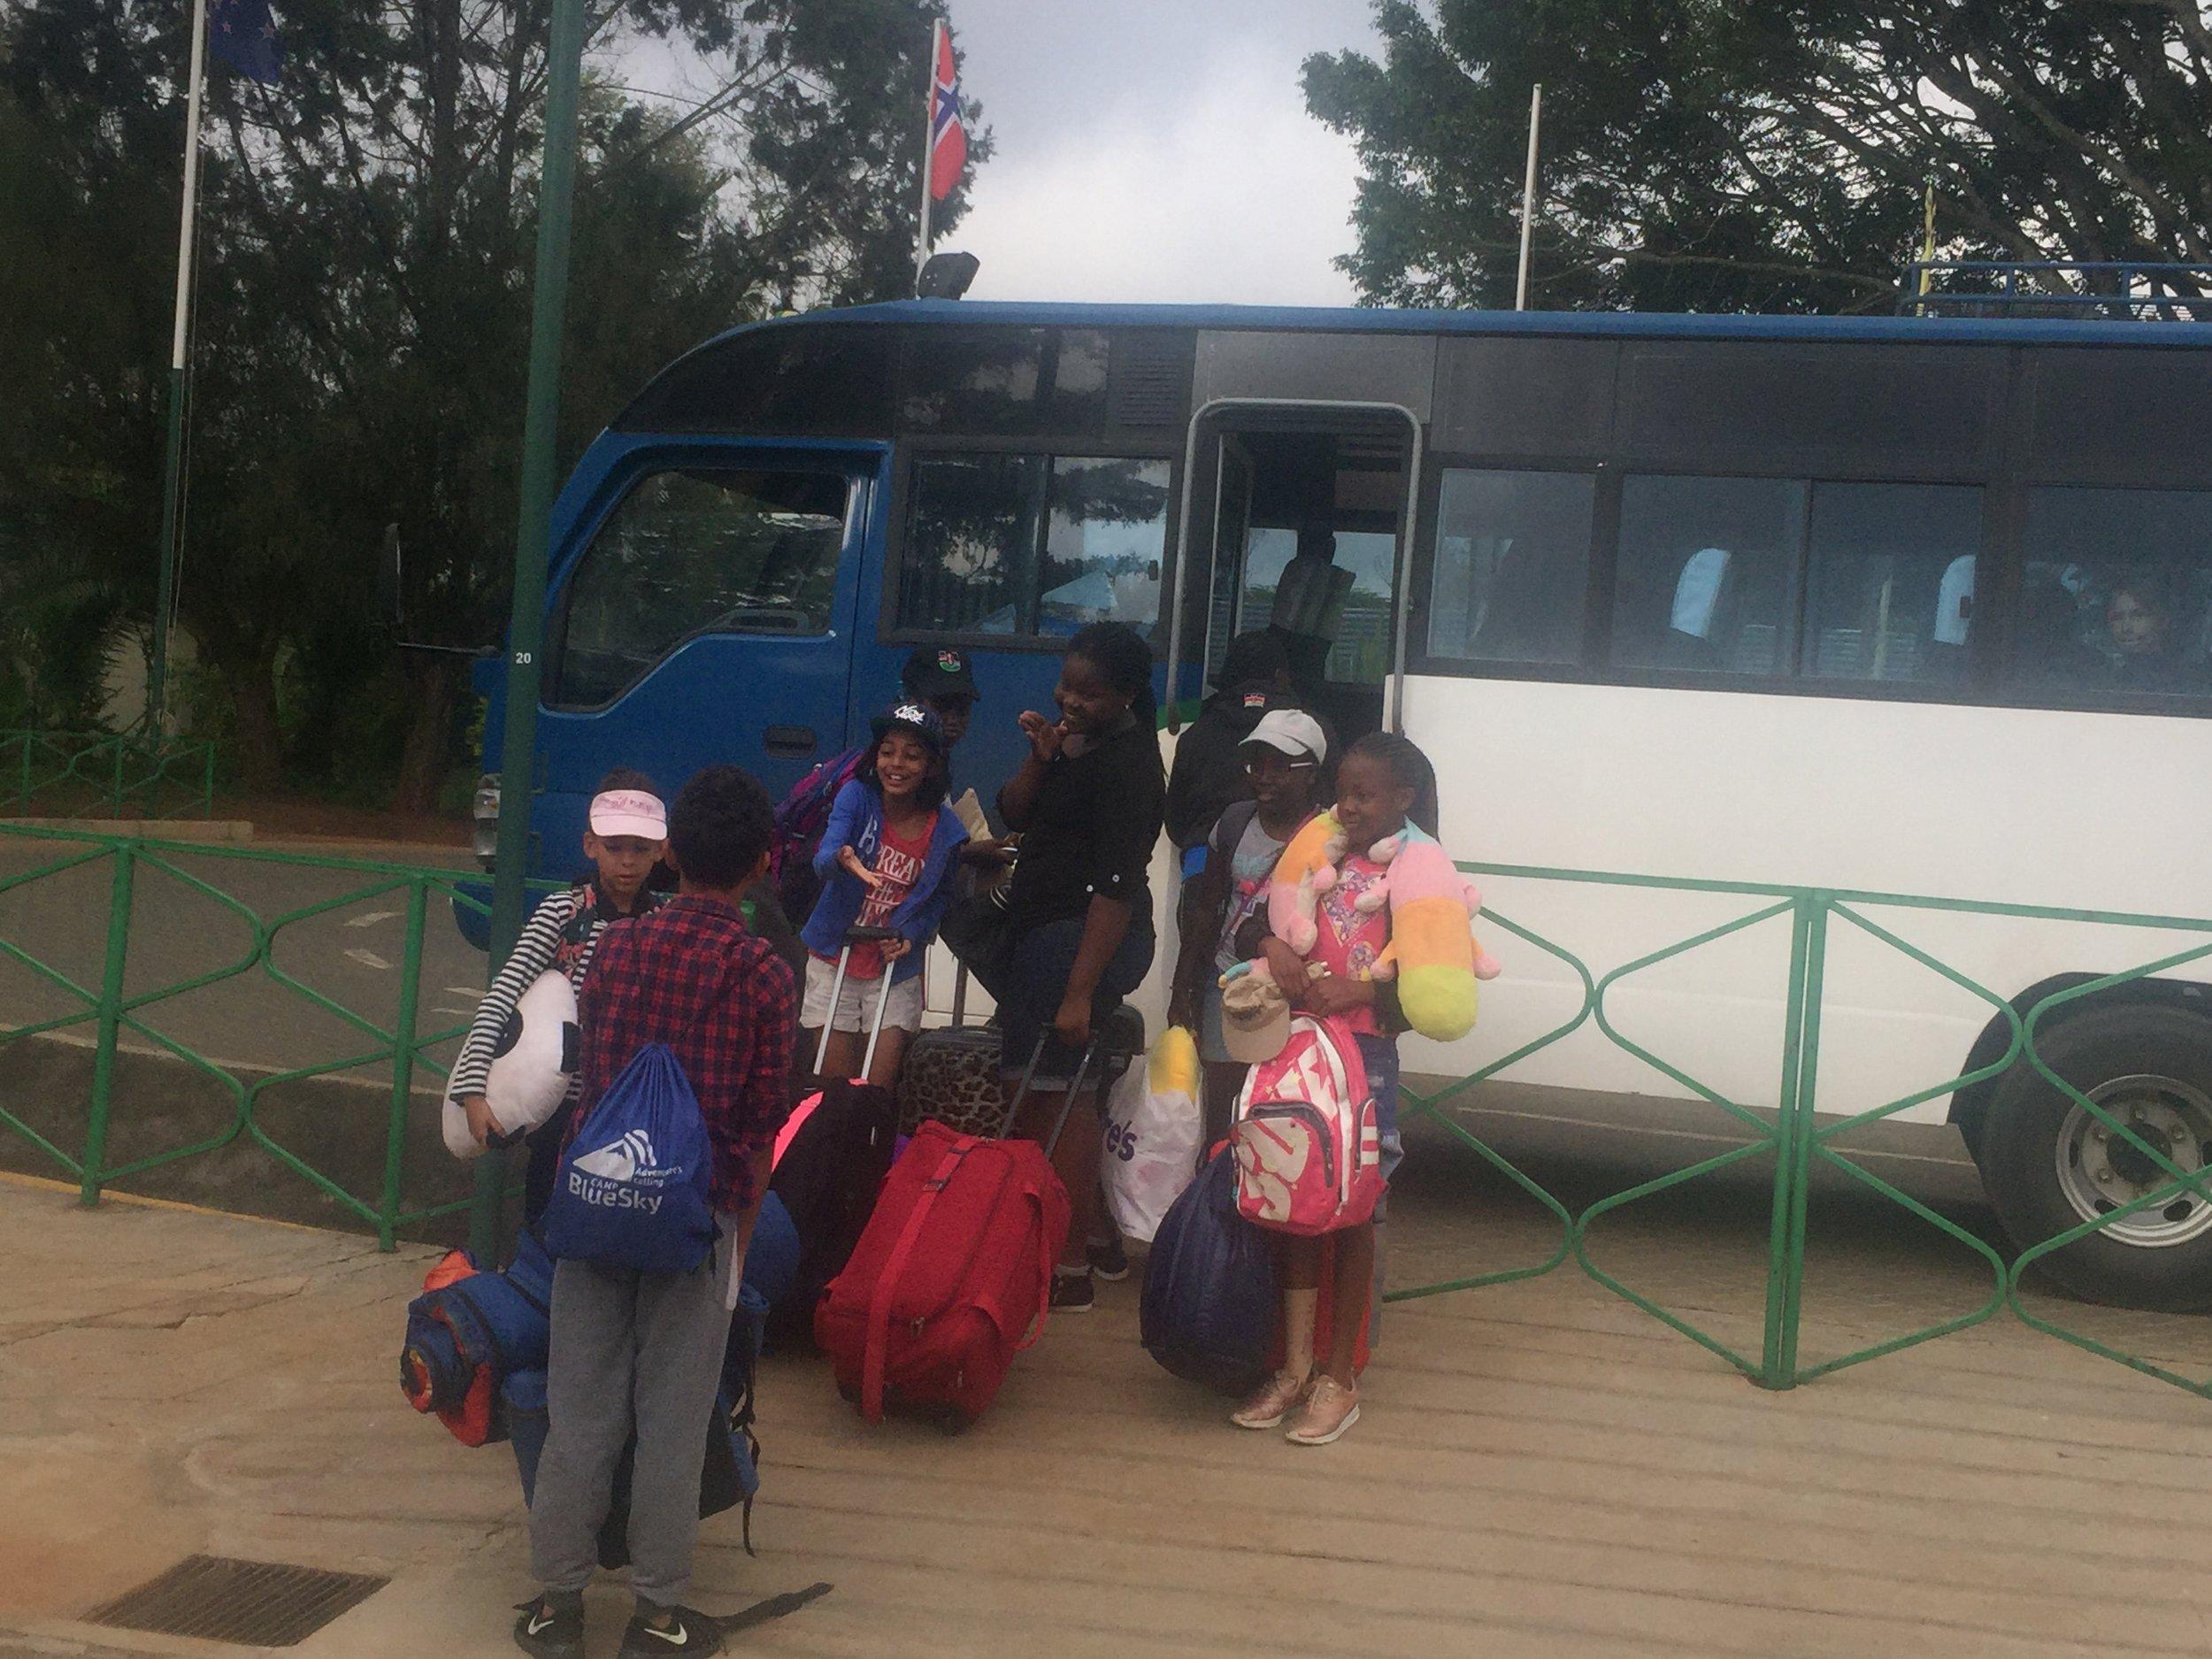 Going to OI Pejeta Kenya